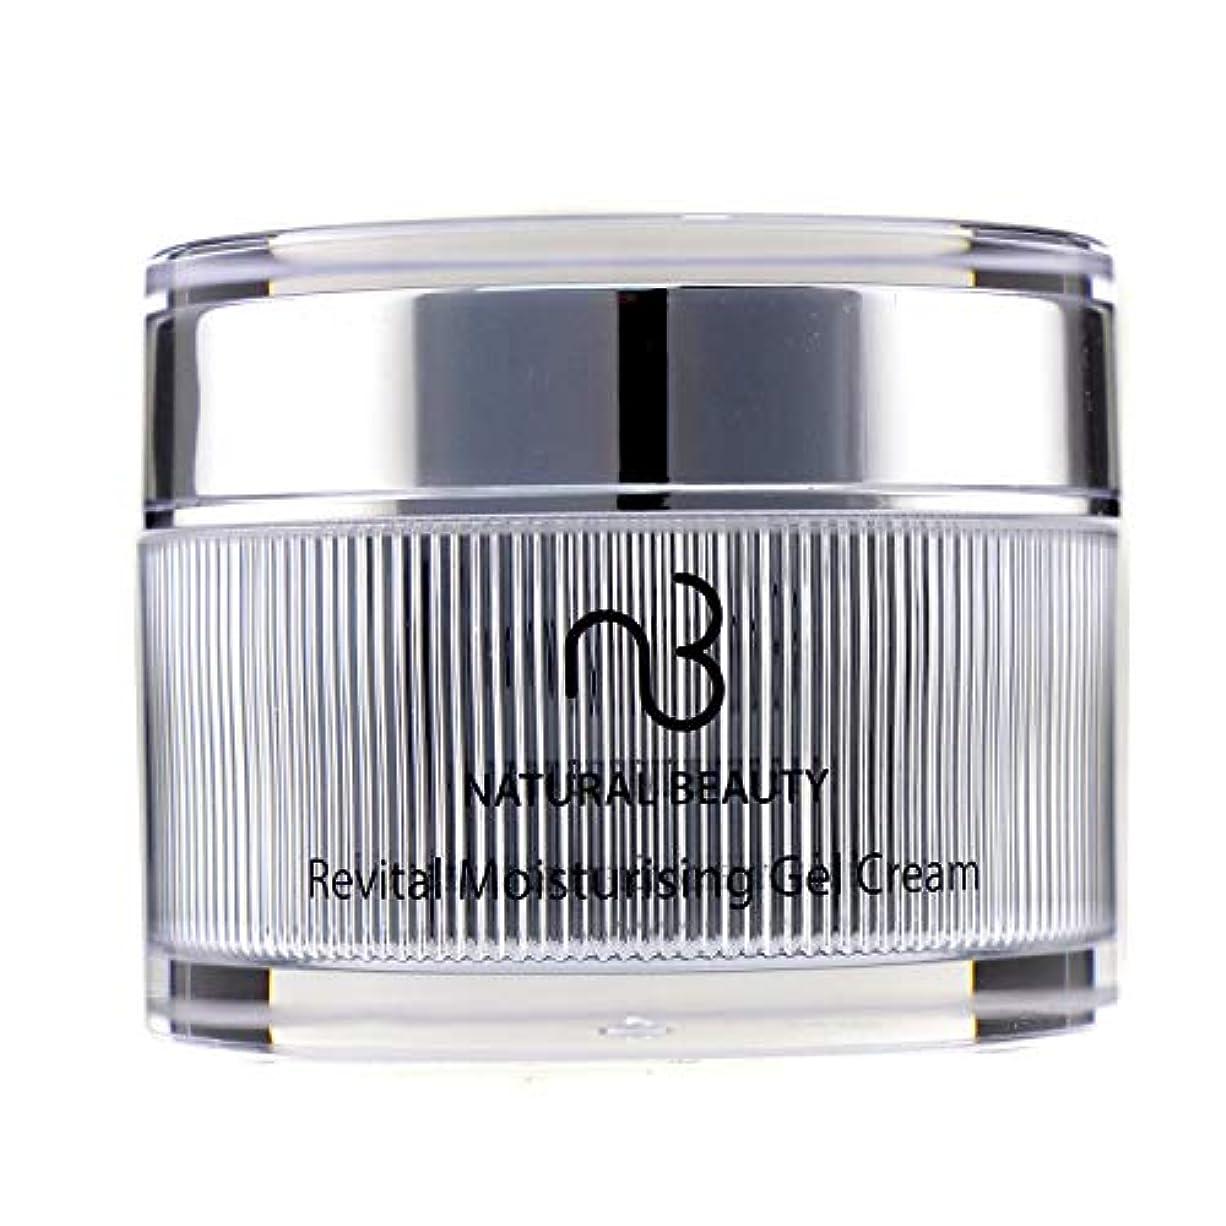 勝者ペチコート軽食自然の美 リバイタルモイスチャライジングジェルクリーム Natural Beauty Revital Moisturising Gel Cream 50ml/1.7oz並行輸入品